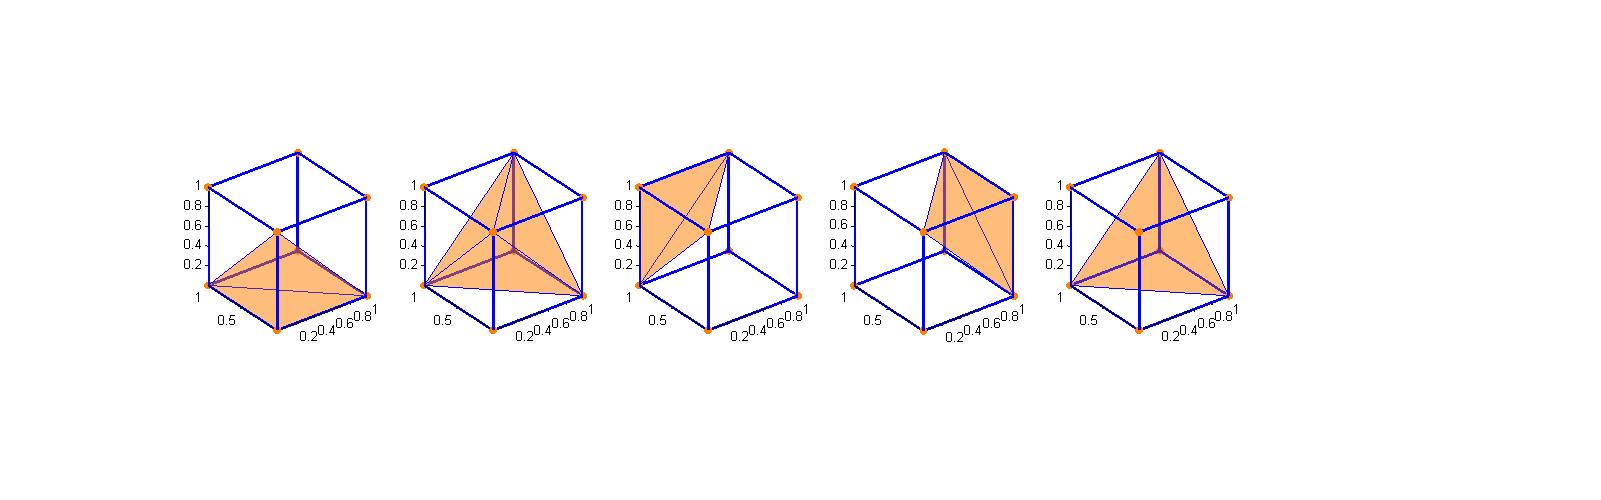 Divide_hypercube_5_simplices_3d_01